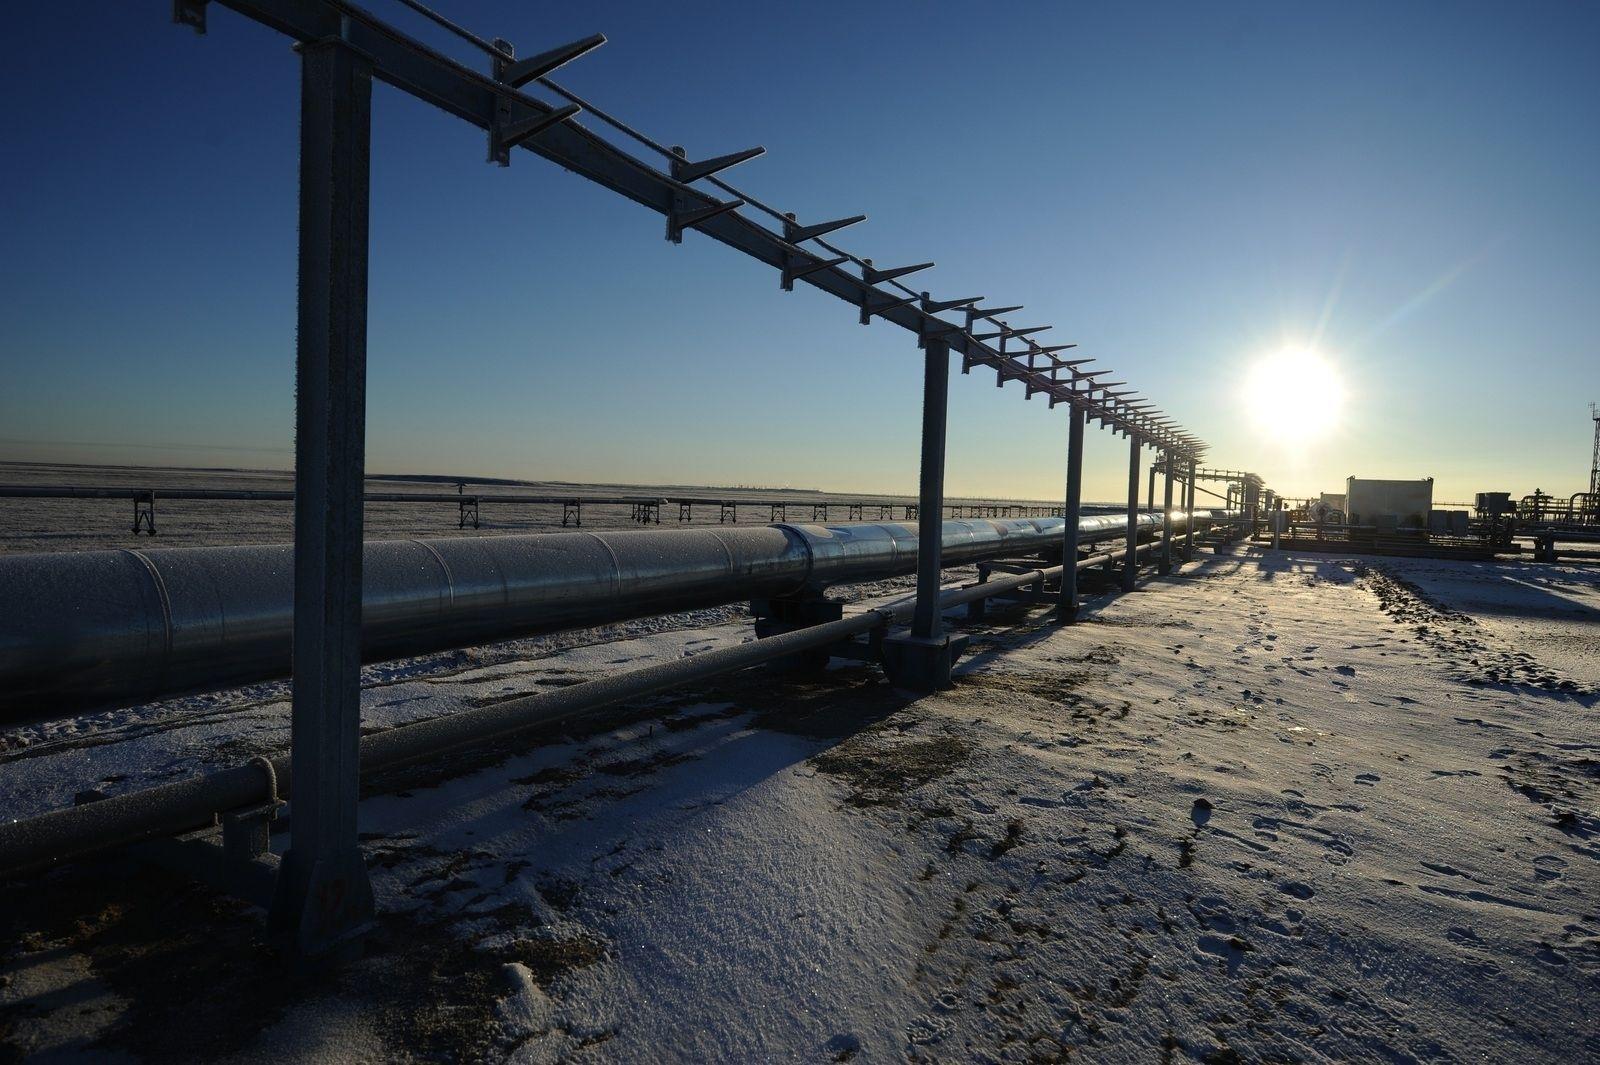 """2019 онд """"Сибирийн хүч"""" хоолойгоор байгалийн хий экспортолж эхэлнэ"""